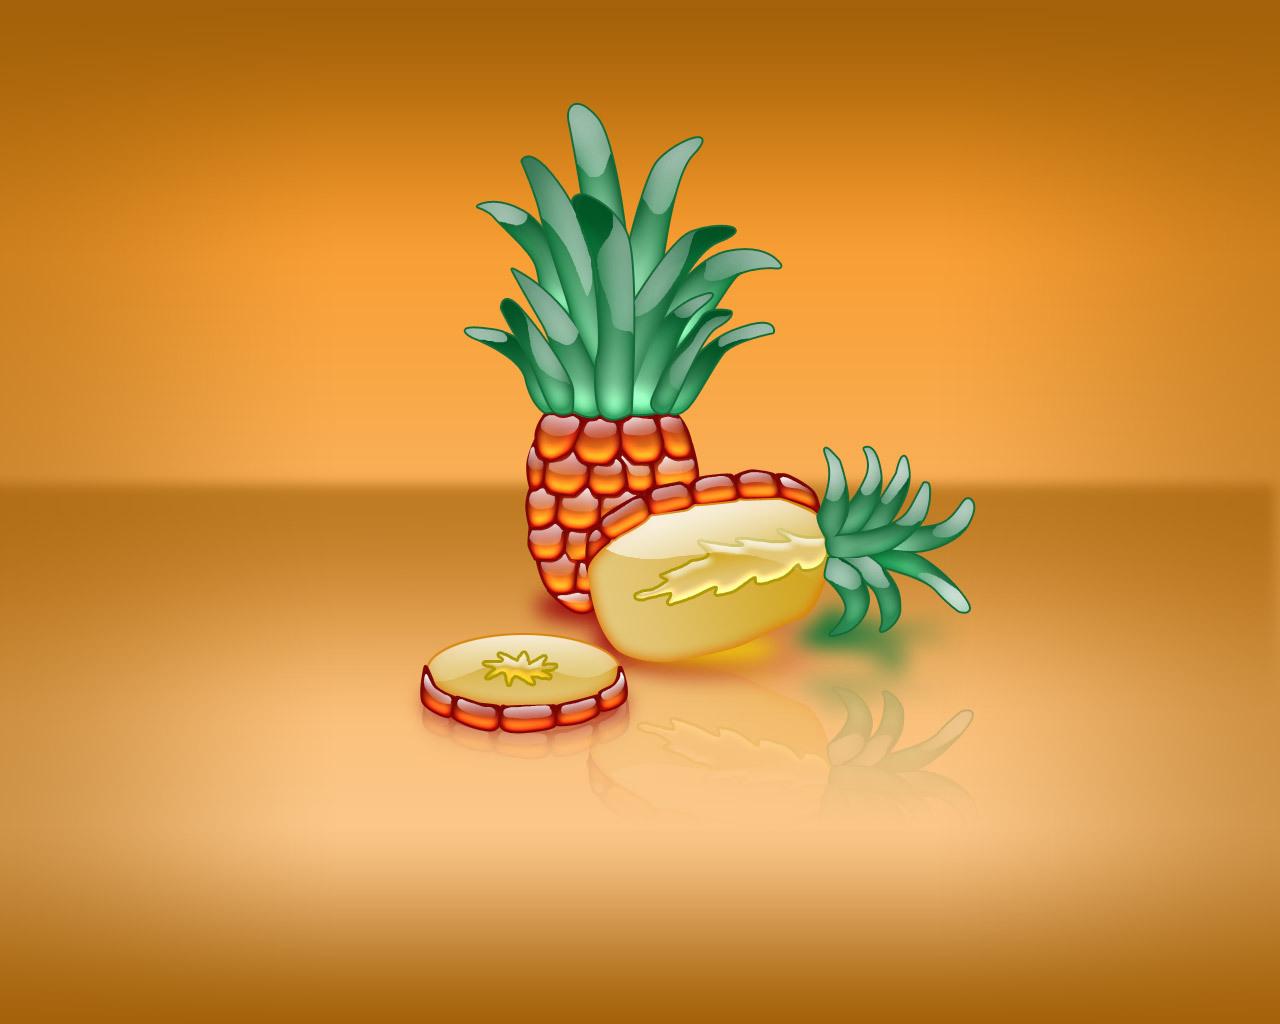 Pineapple Wallpaper fruit 7151887 1280 1024